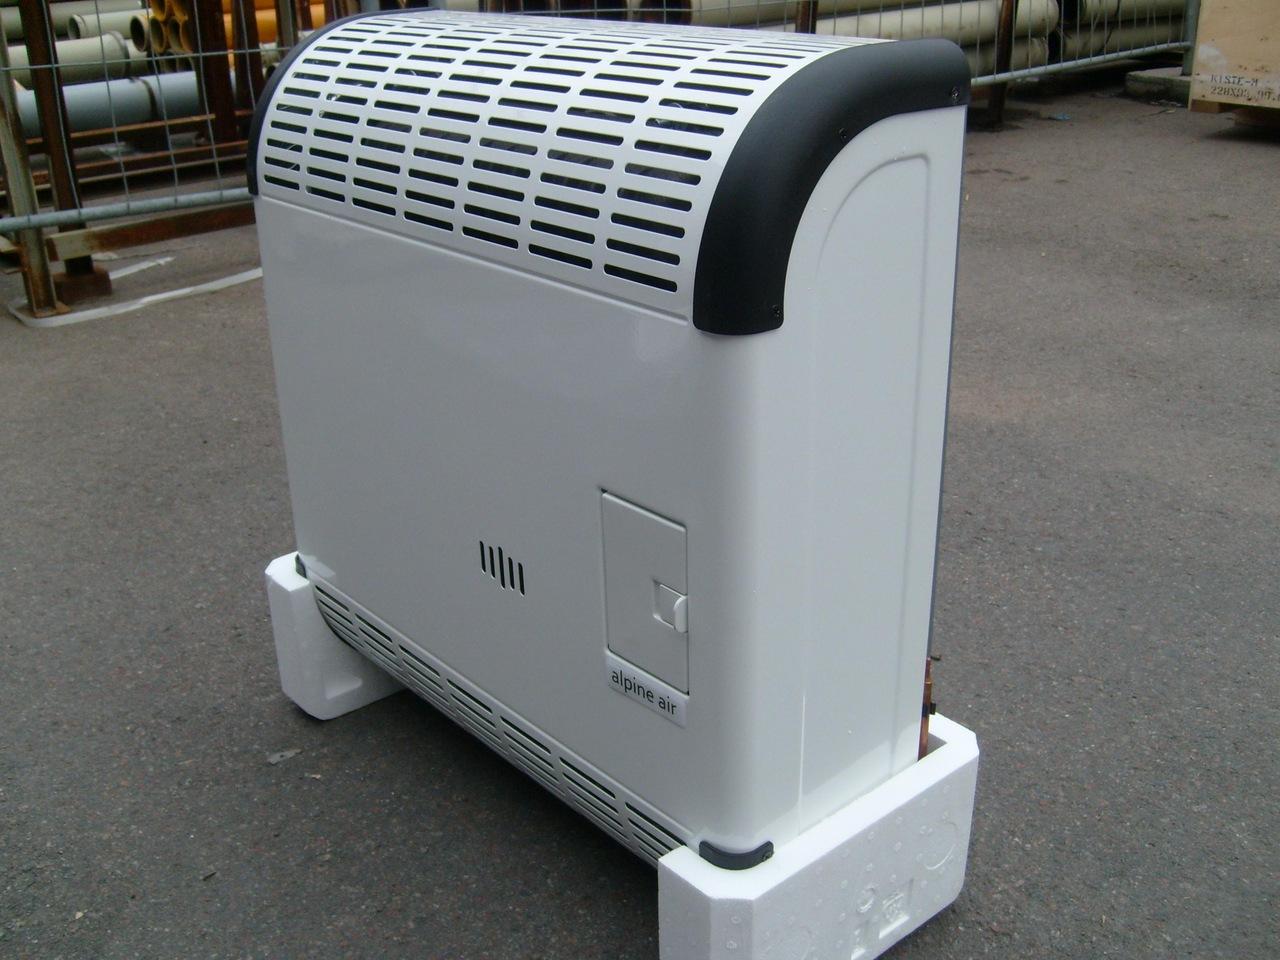 такое белье настенные газовые конвекторы воздуха предлагаем